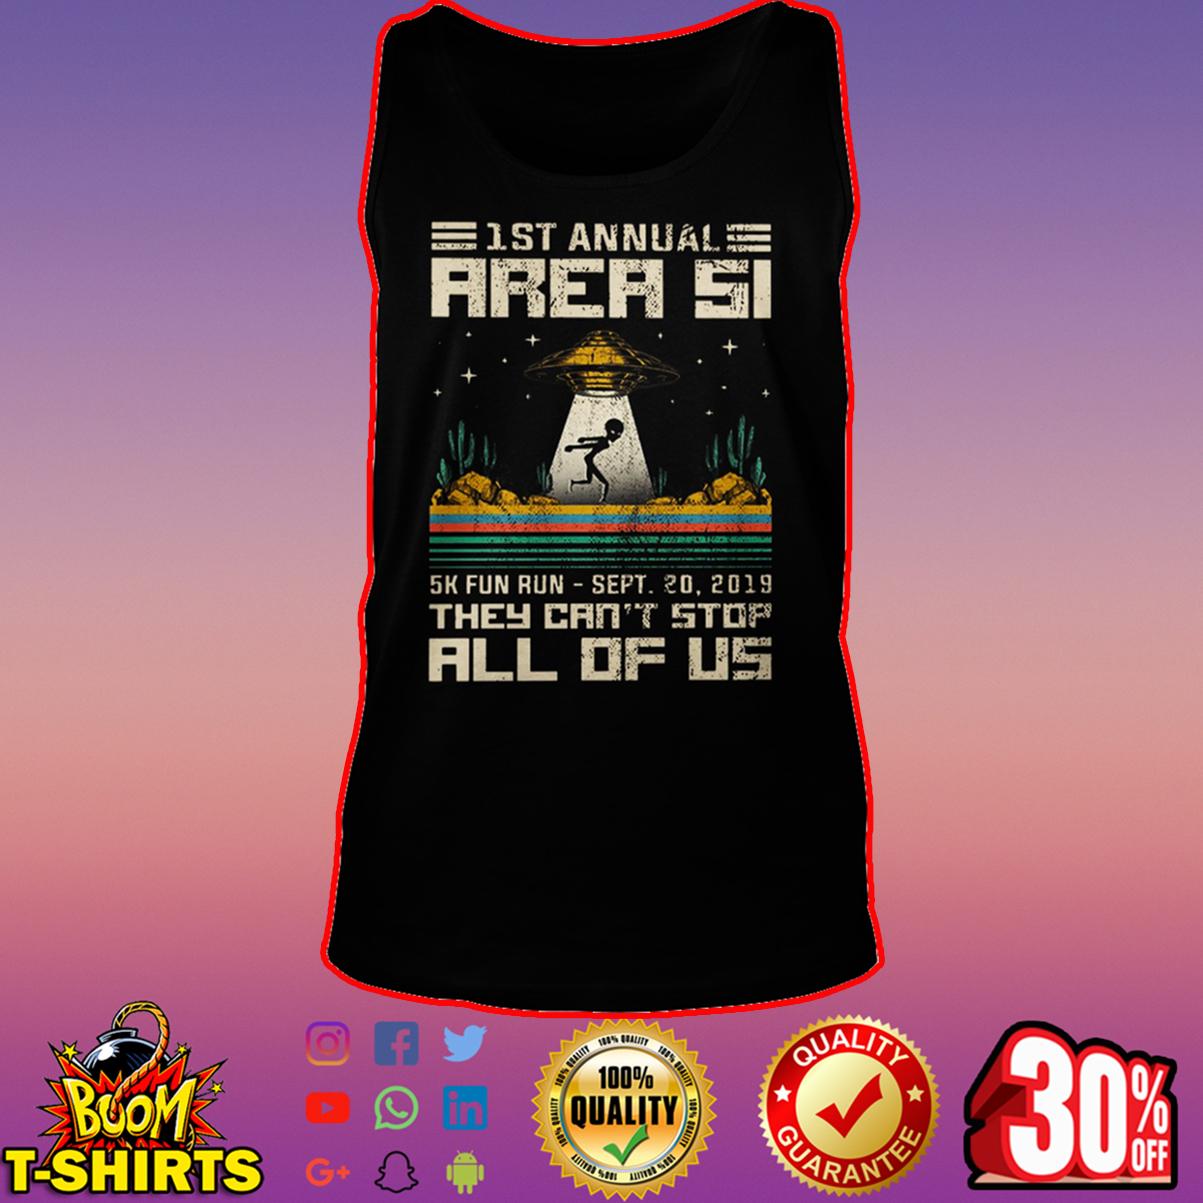 1st Annual Area 51 5k fun run sept 20 2019 tank top